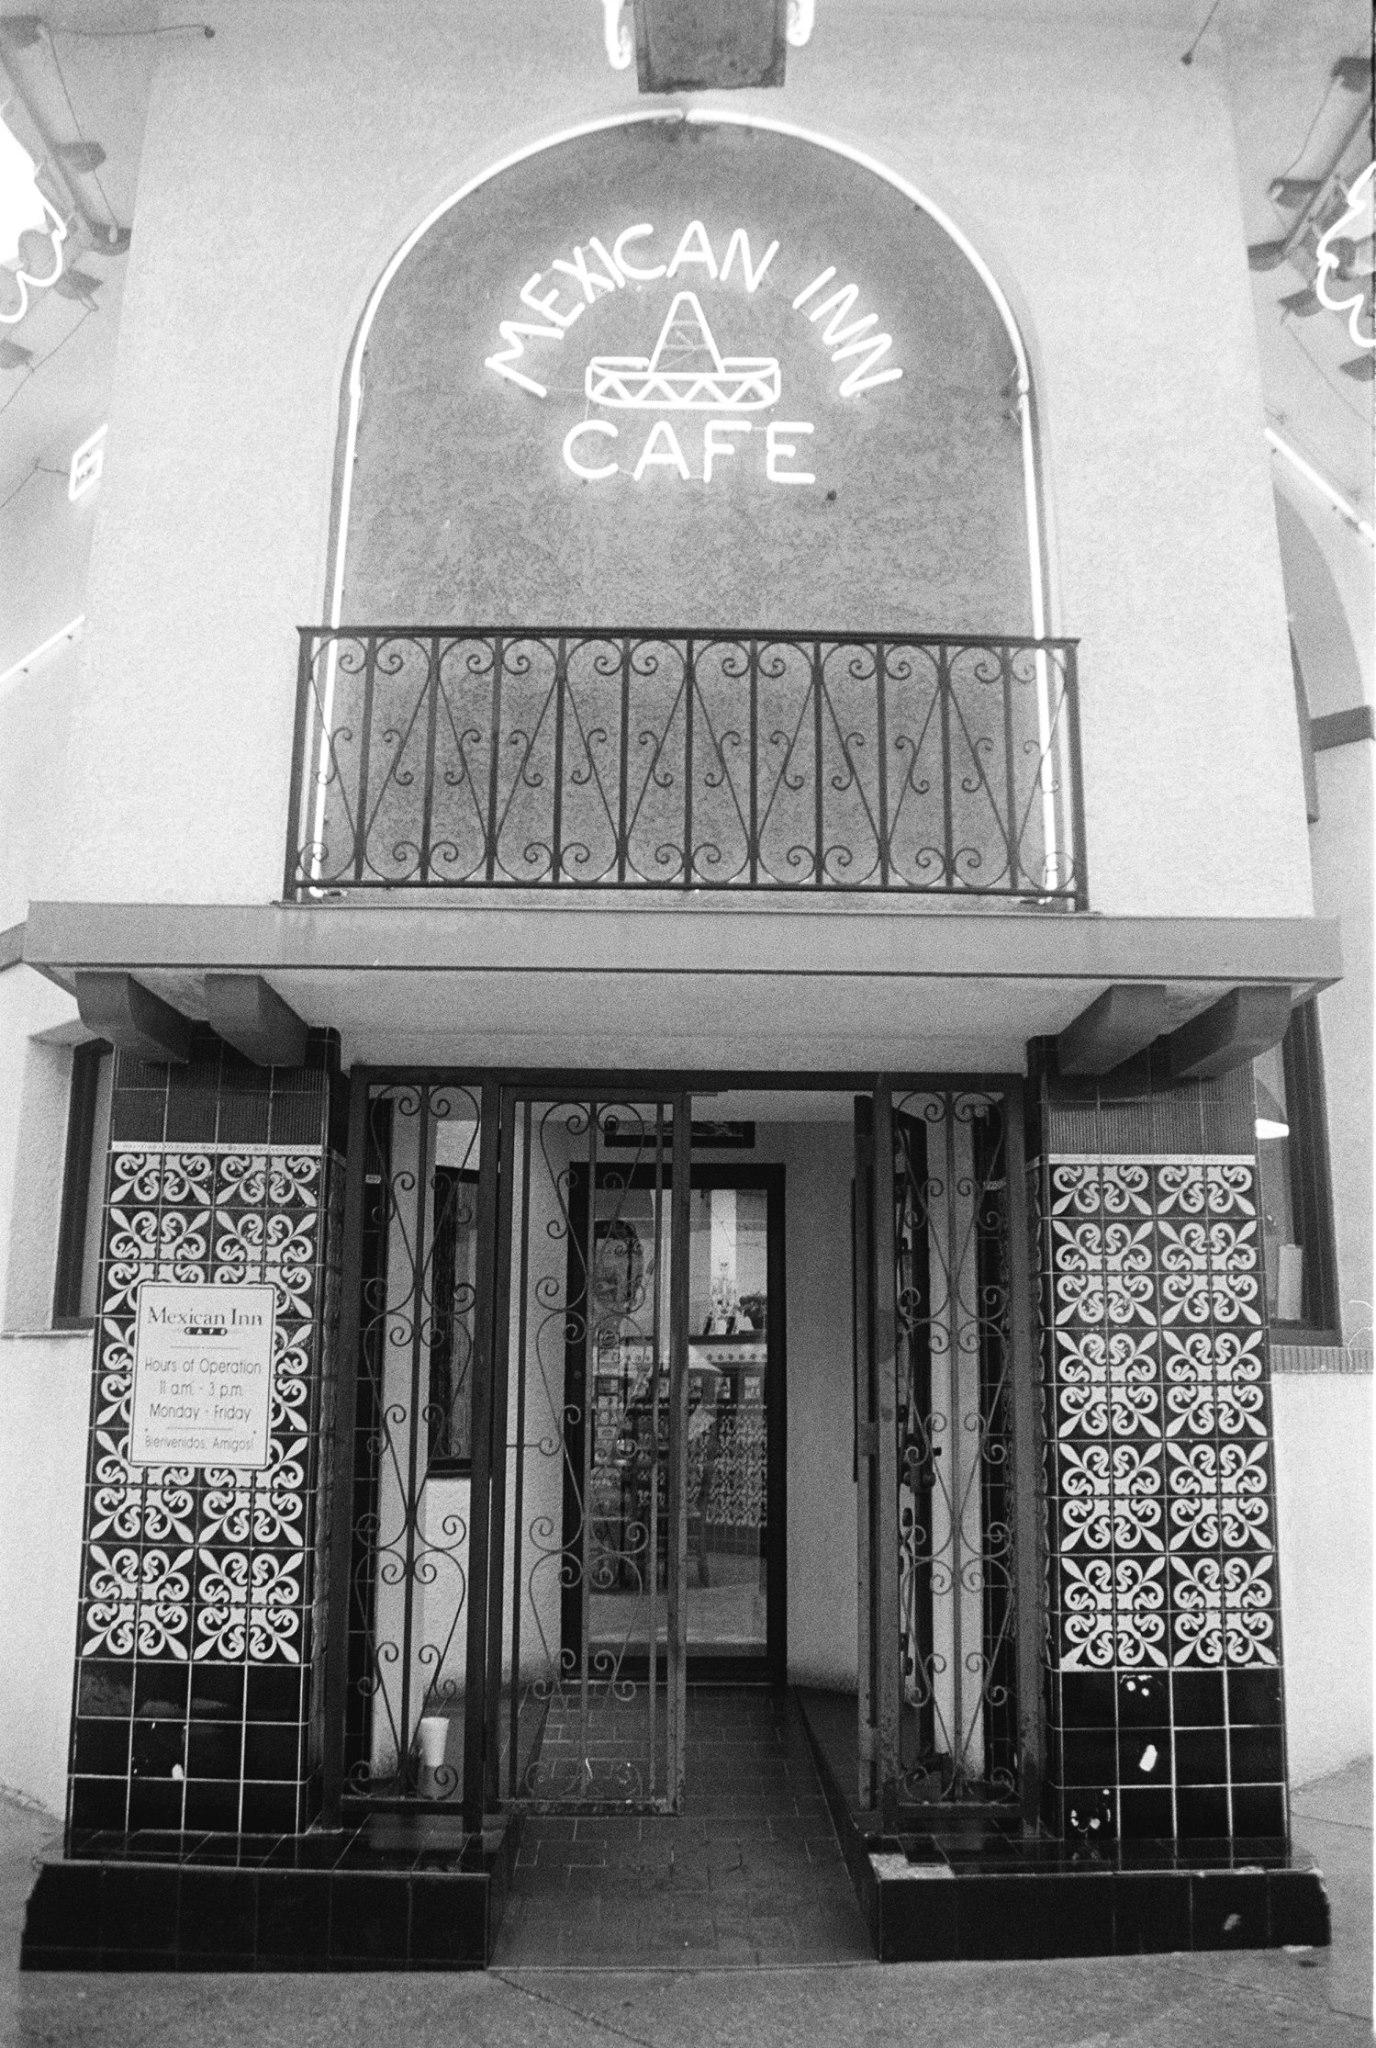 Mexican Inn Cafe - 1 of 43 (10).jpg